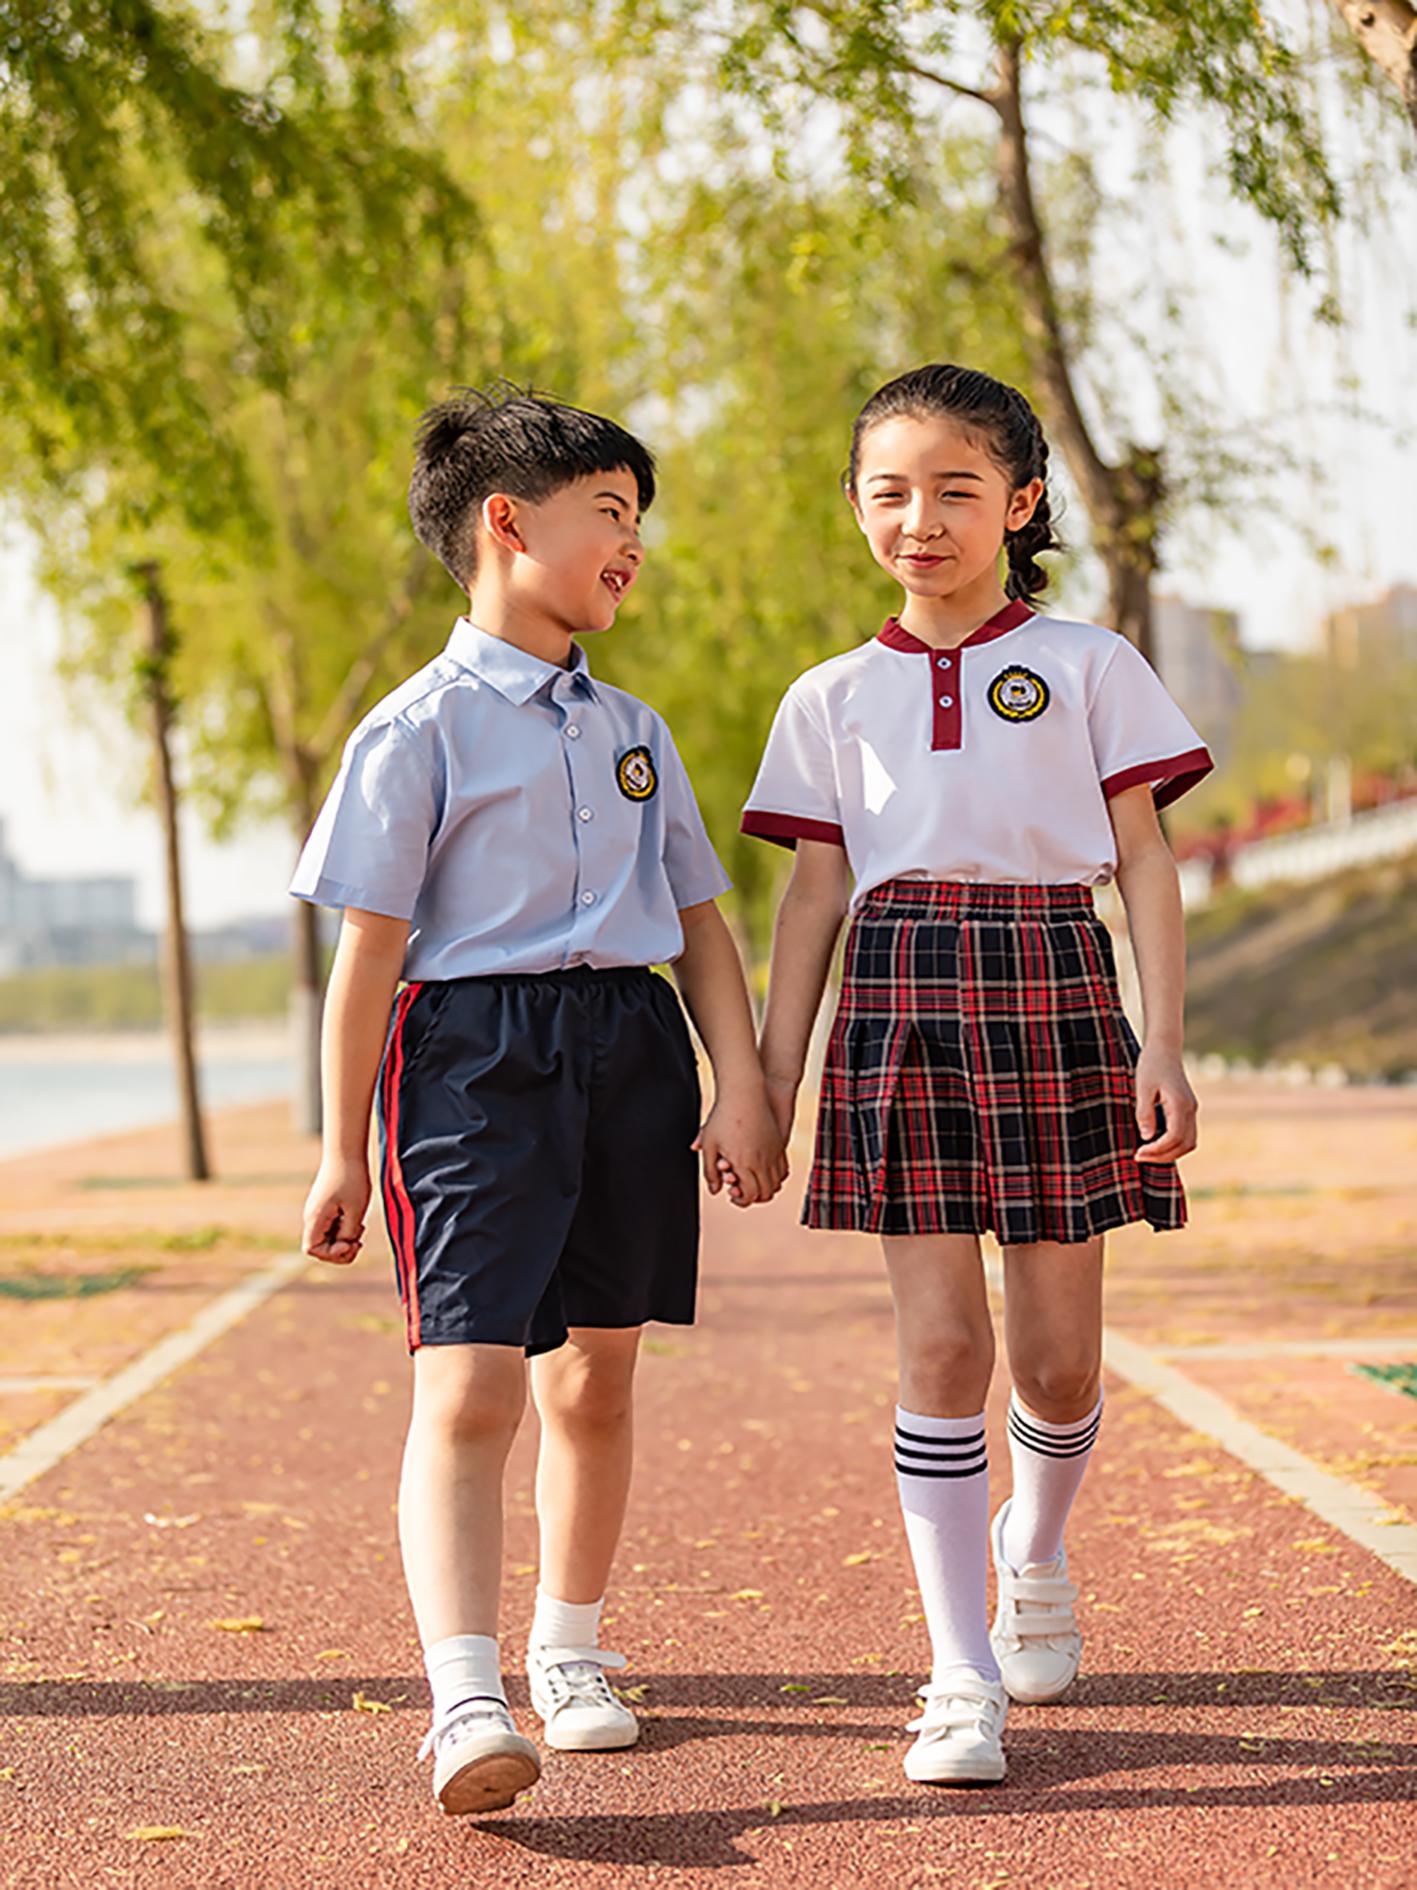 为什么私立学校的校服都要比公立学校的好看?